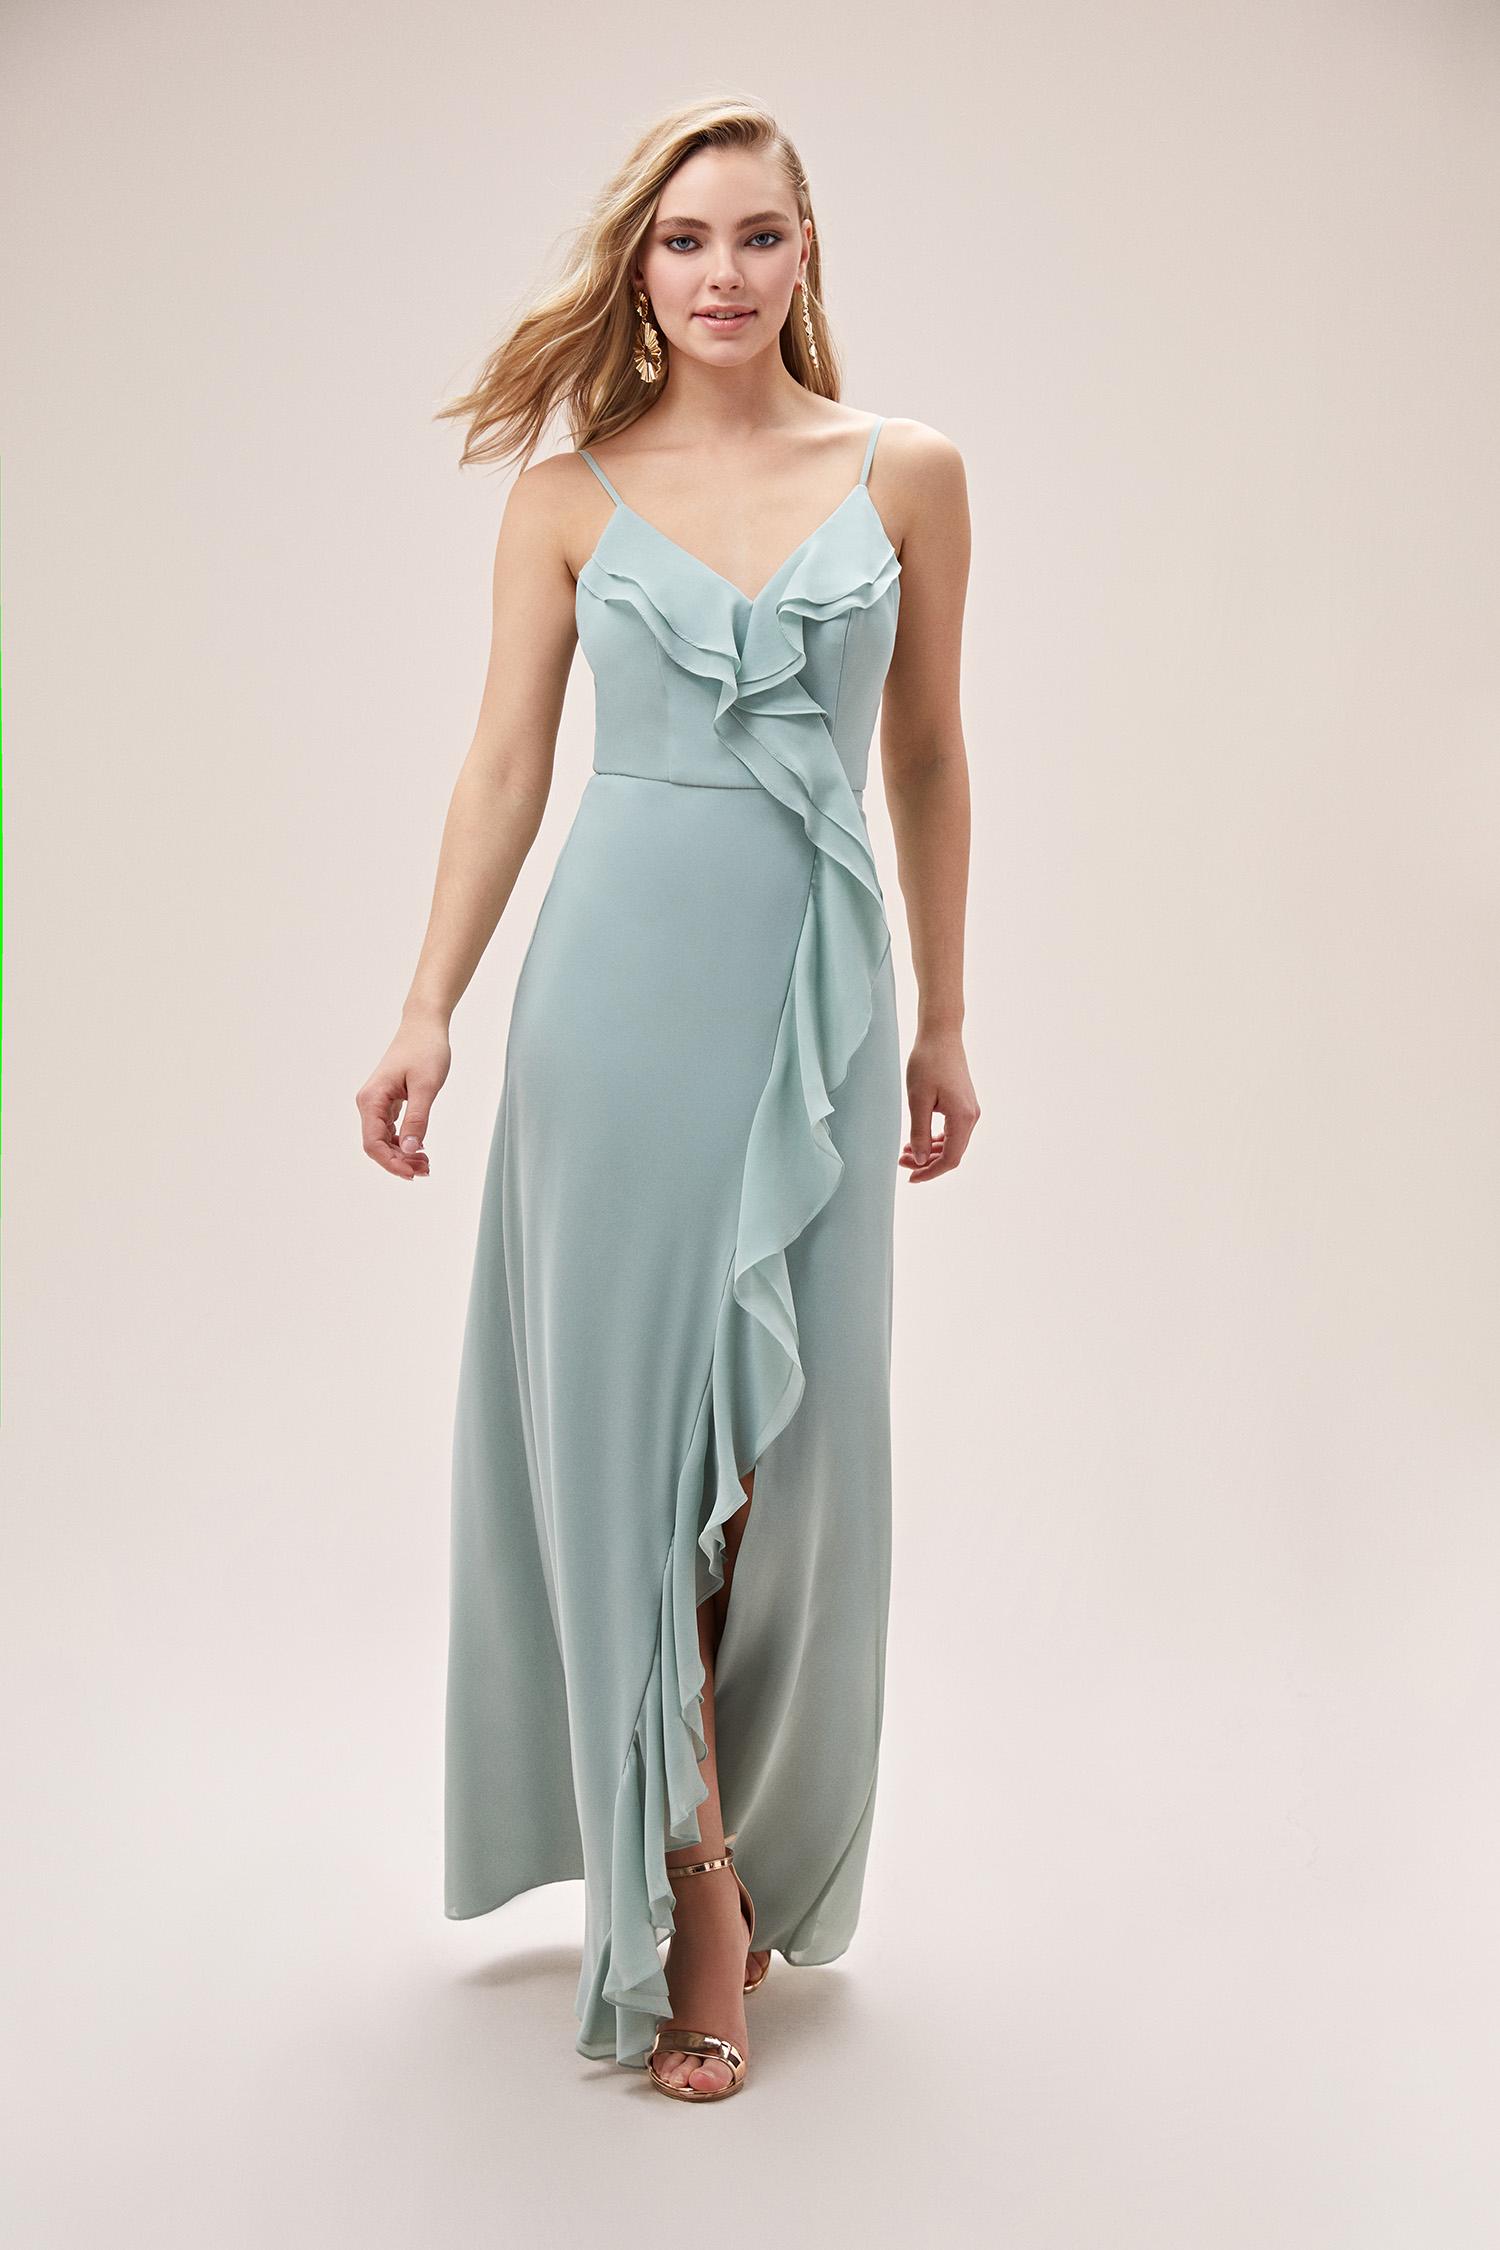 Uçuk Mavi Farbalalı Yırtmaçlı Şifon Elbise - Thumbnail